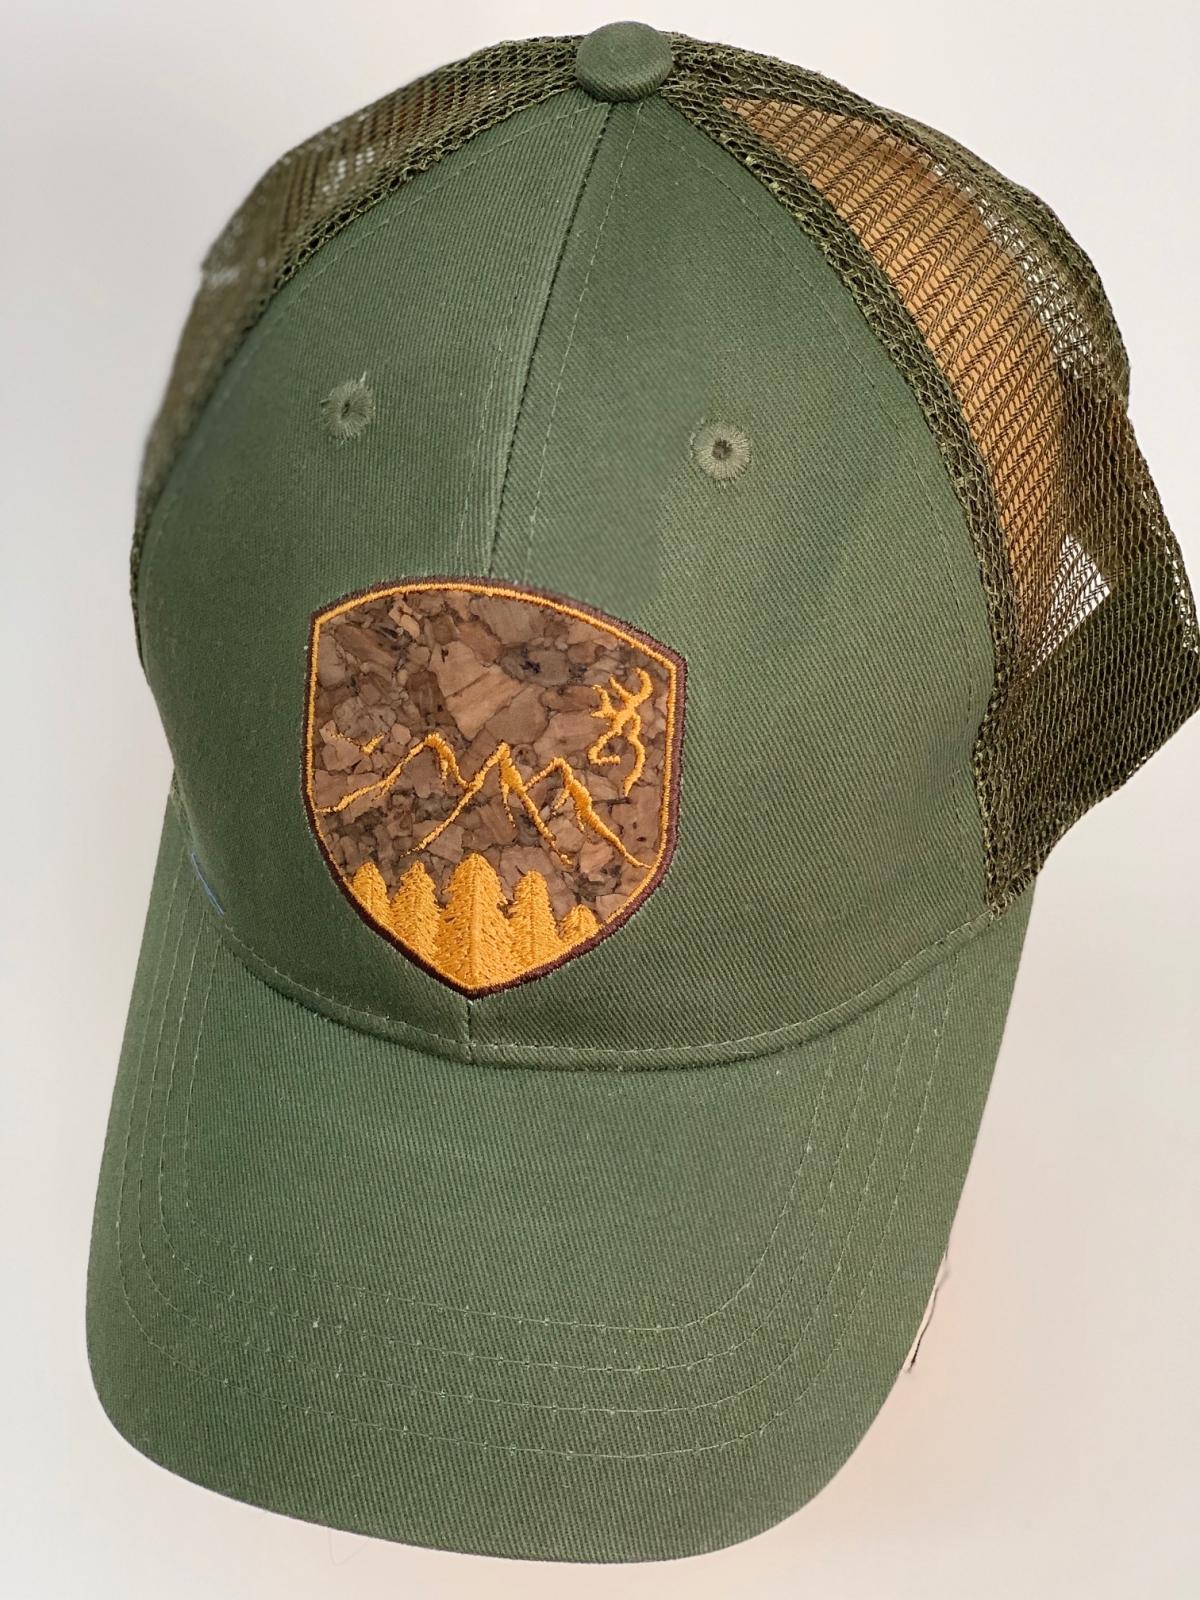 Бейсболка Browning оливкового цвета с сеткой